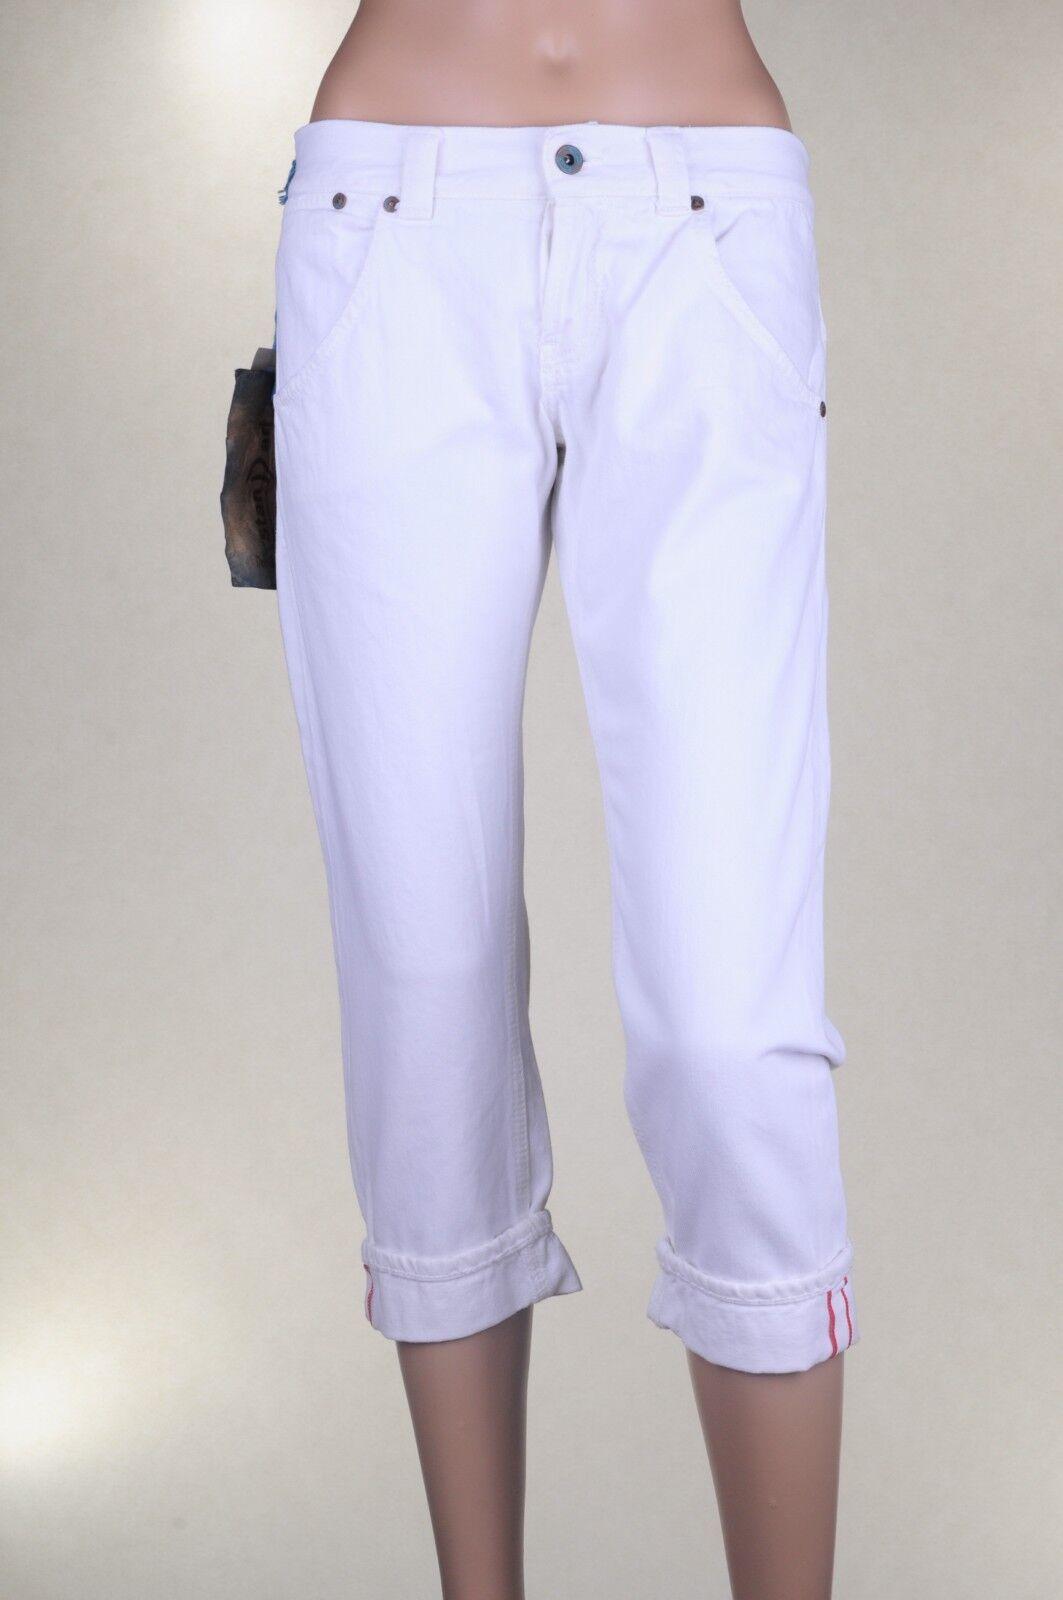 Dondup  -  Pants - female - White - 158309A184053